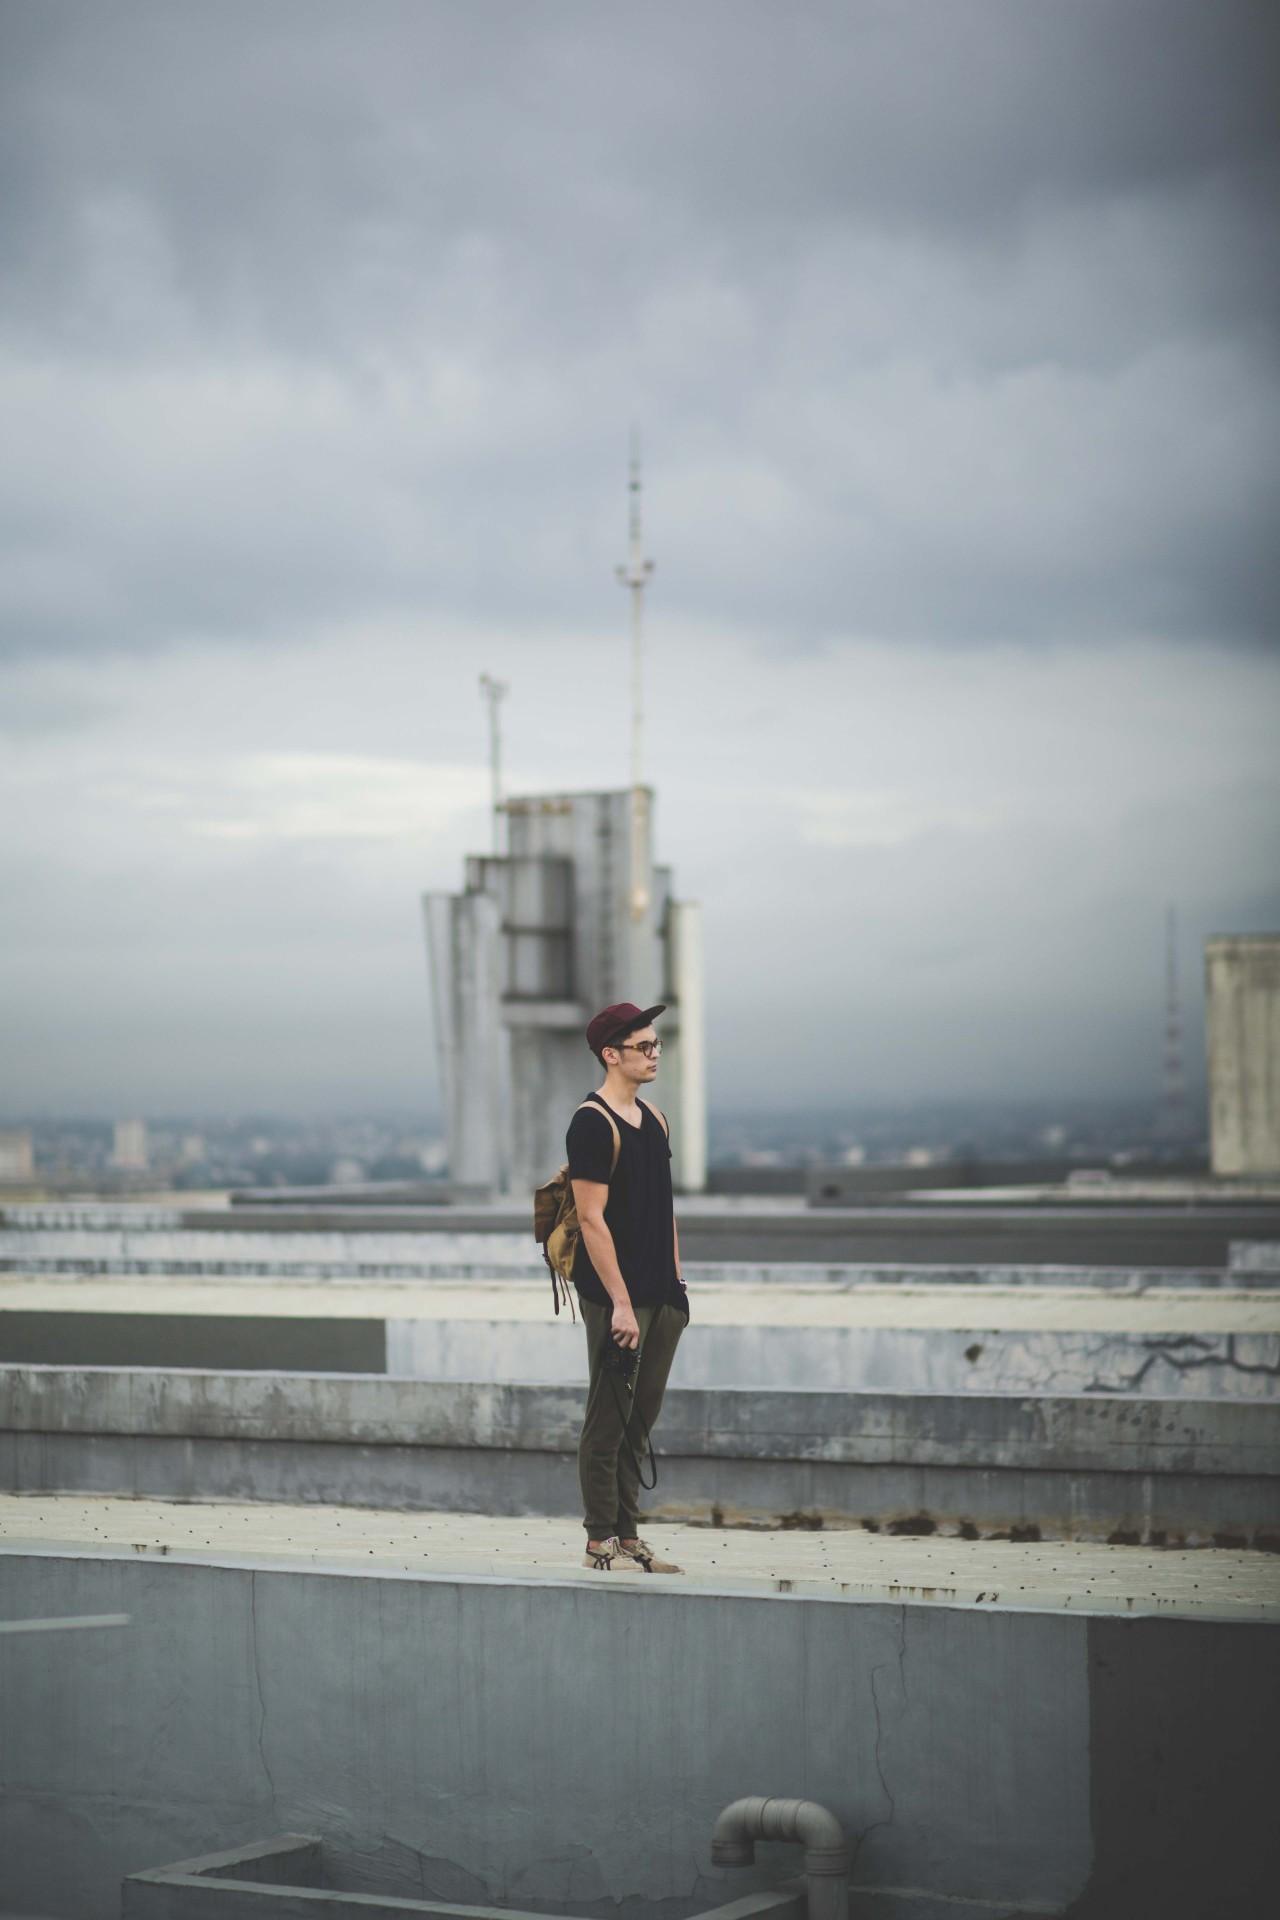 rooftop relative.